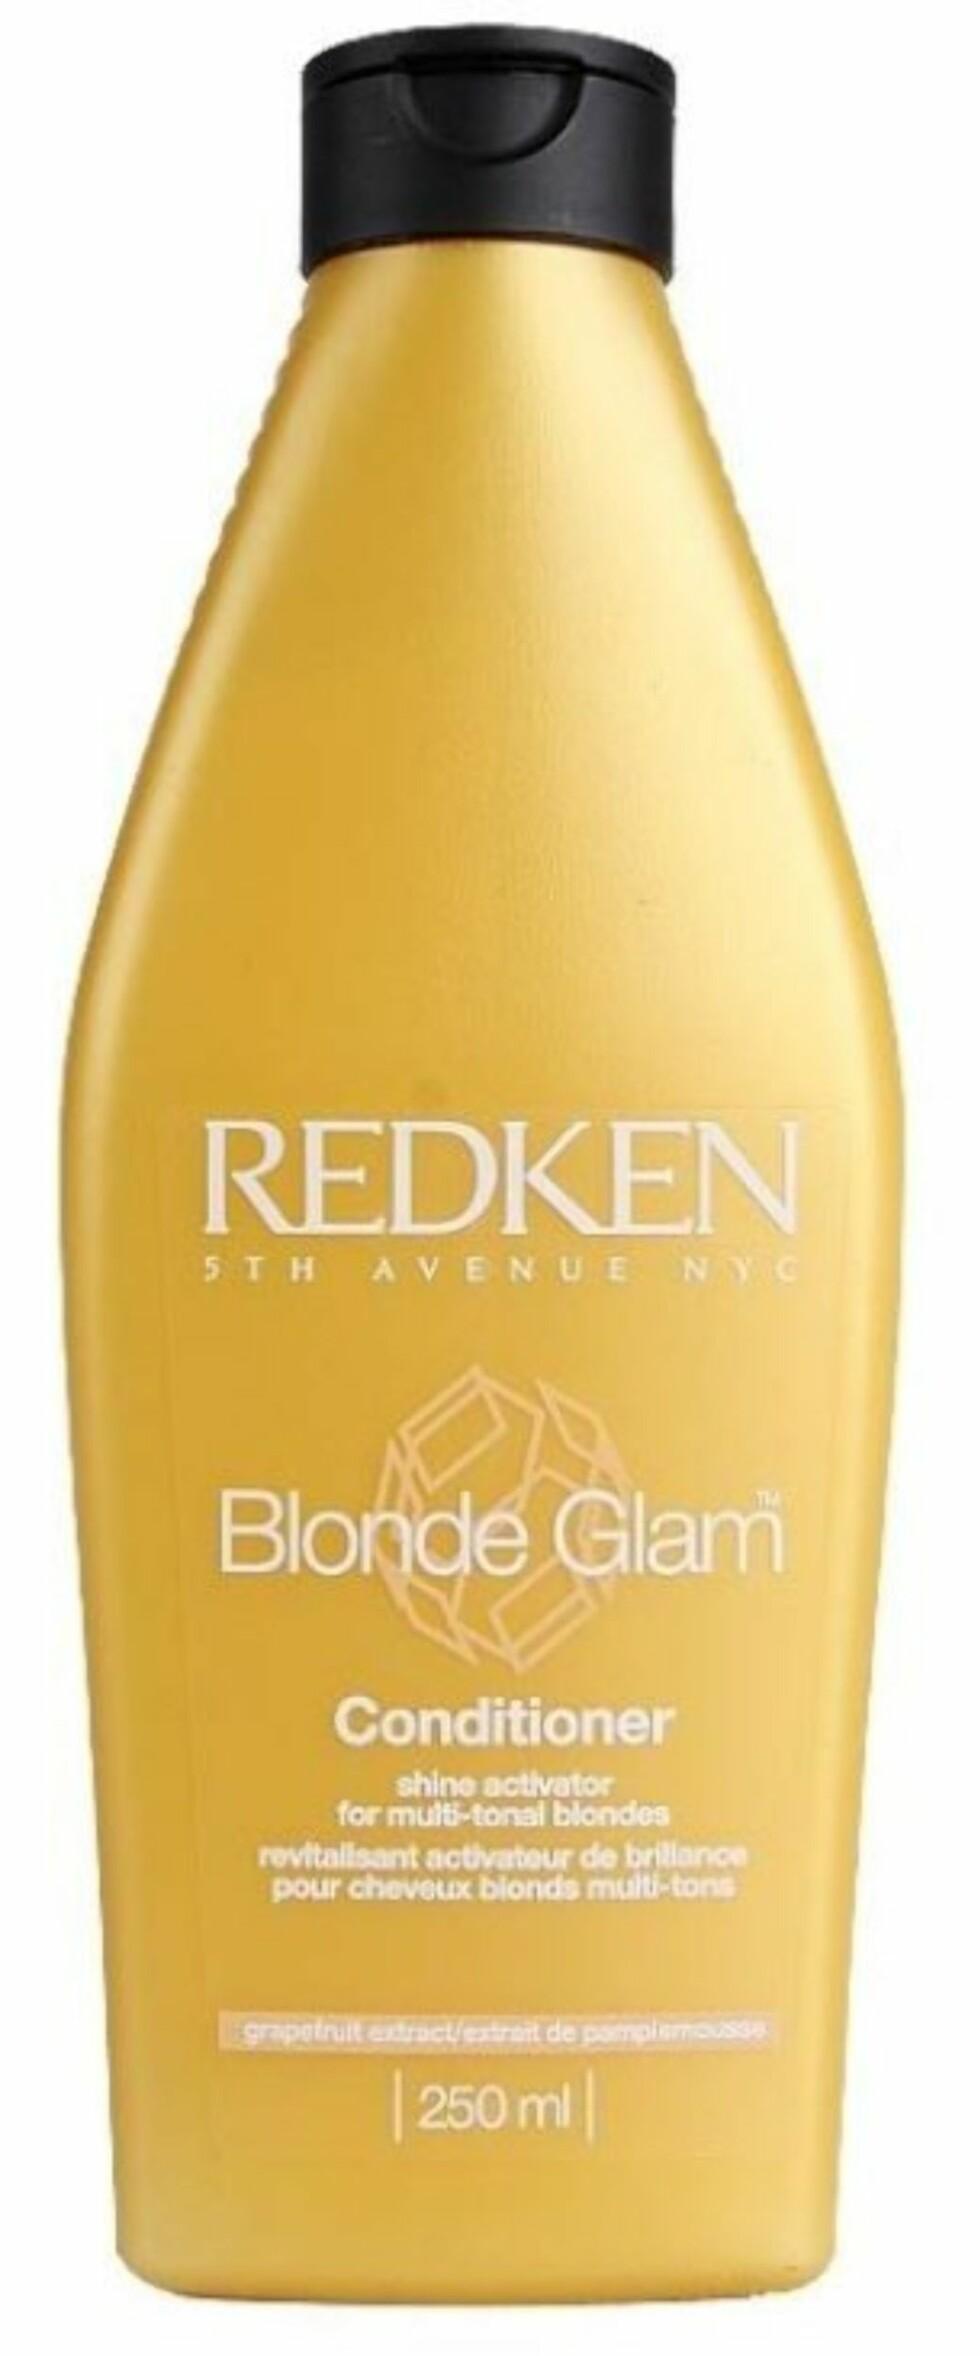 Redken Blonde Glam Conditioner er en glansaktiverende balsam spesielt for blondt hår, ca. kr 189. Foto: Produsenten